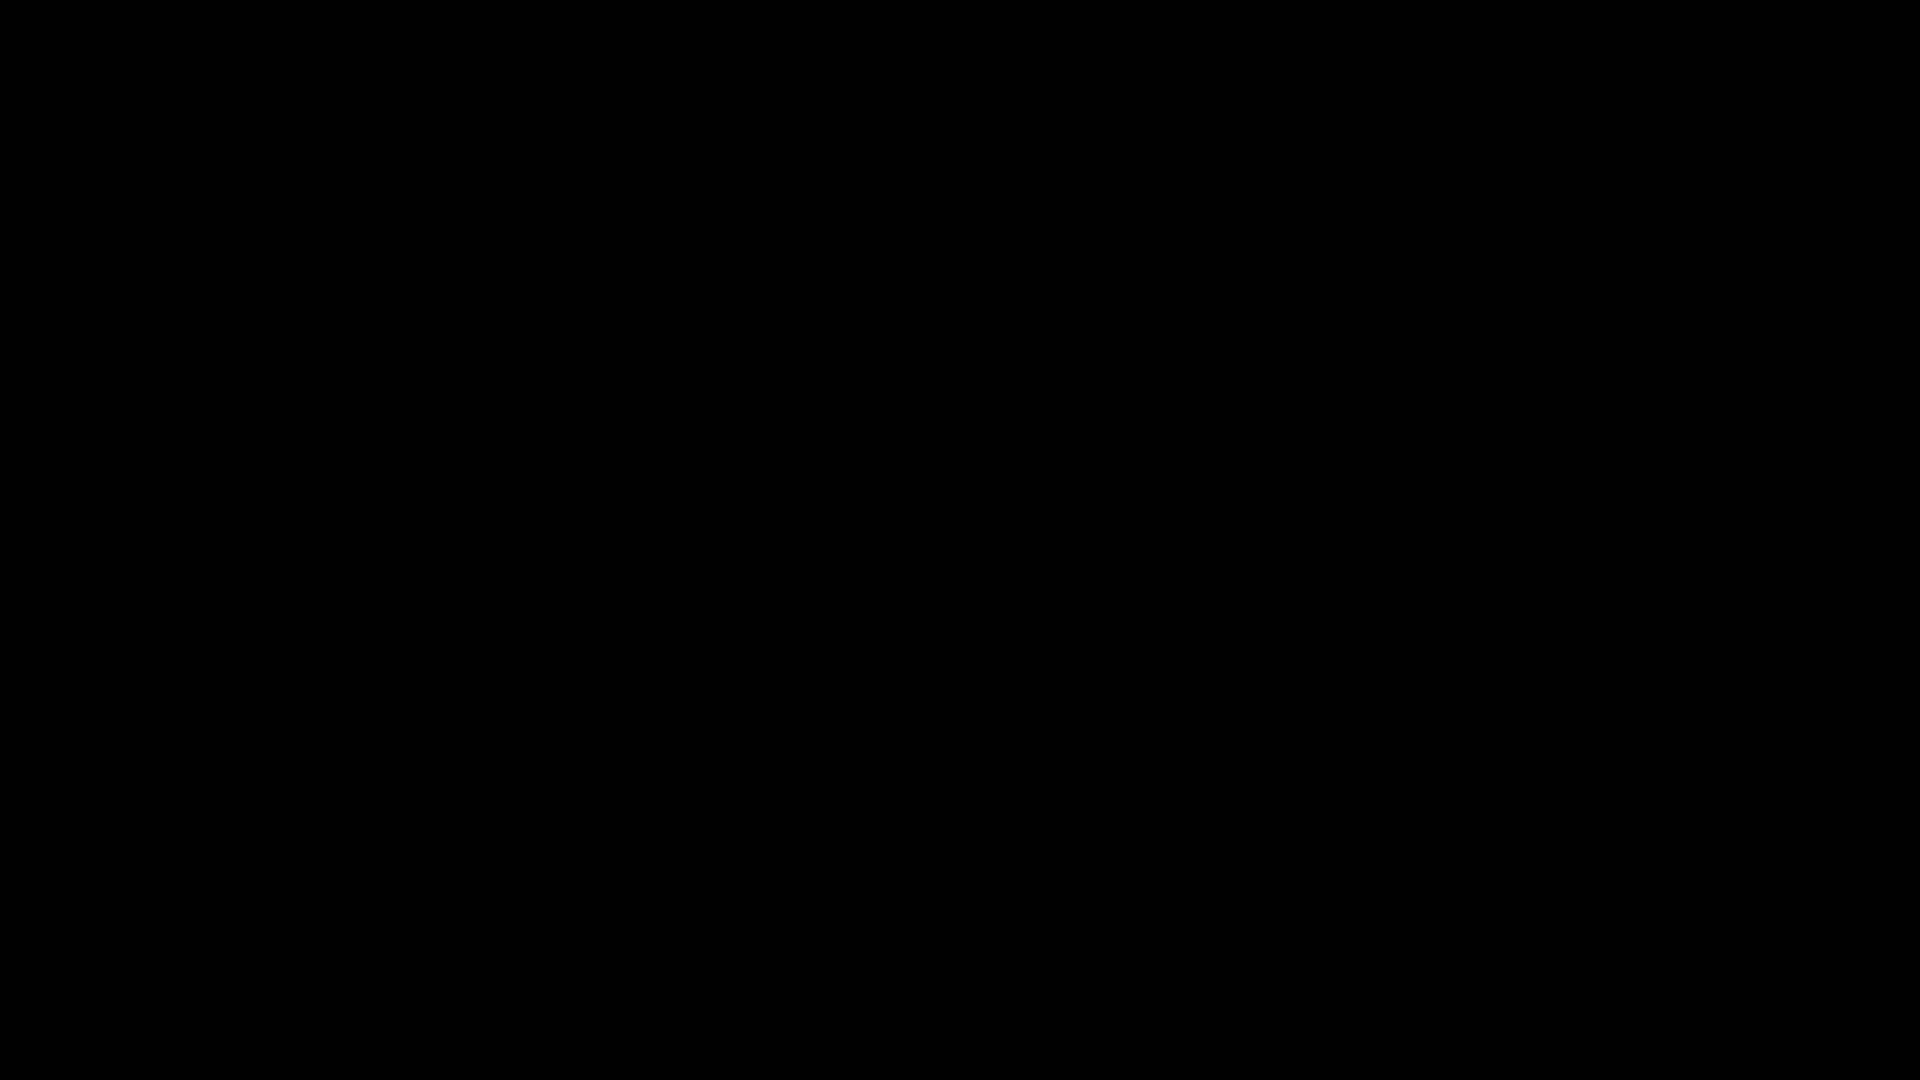 Immagine di sfondo